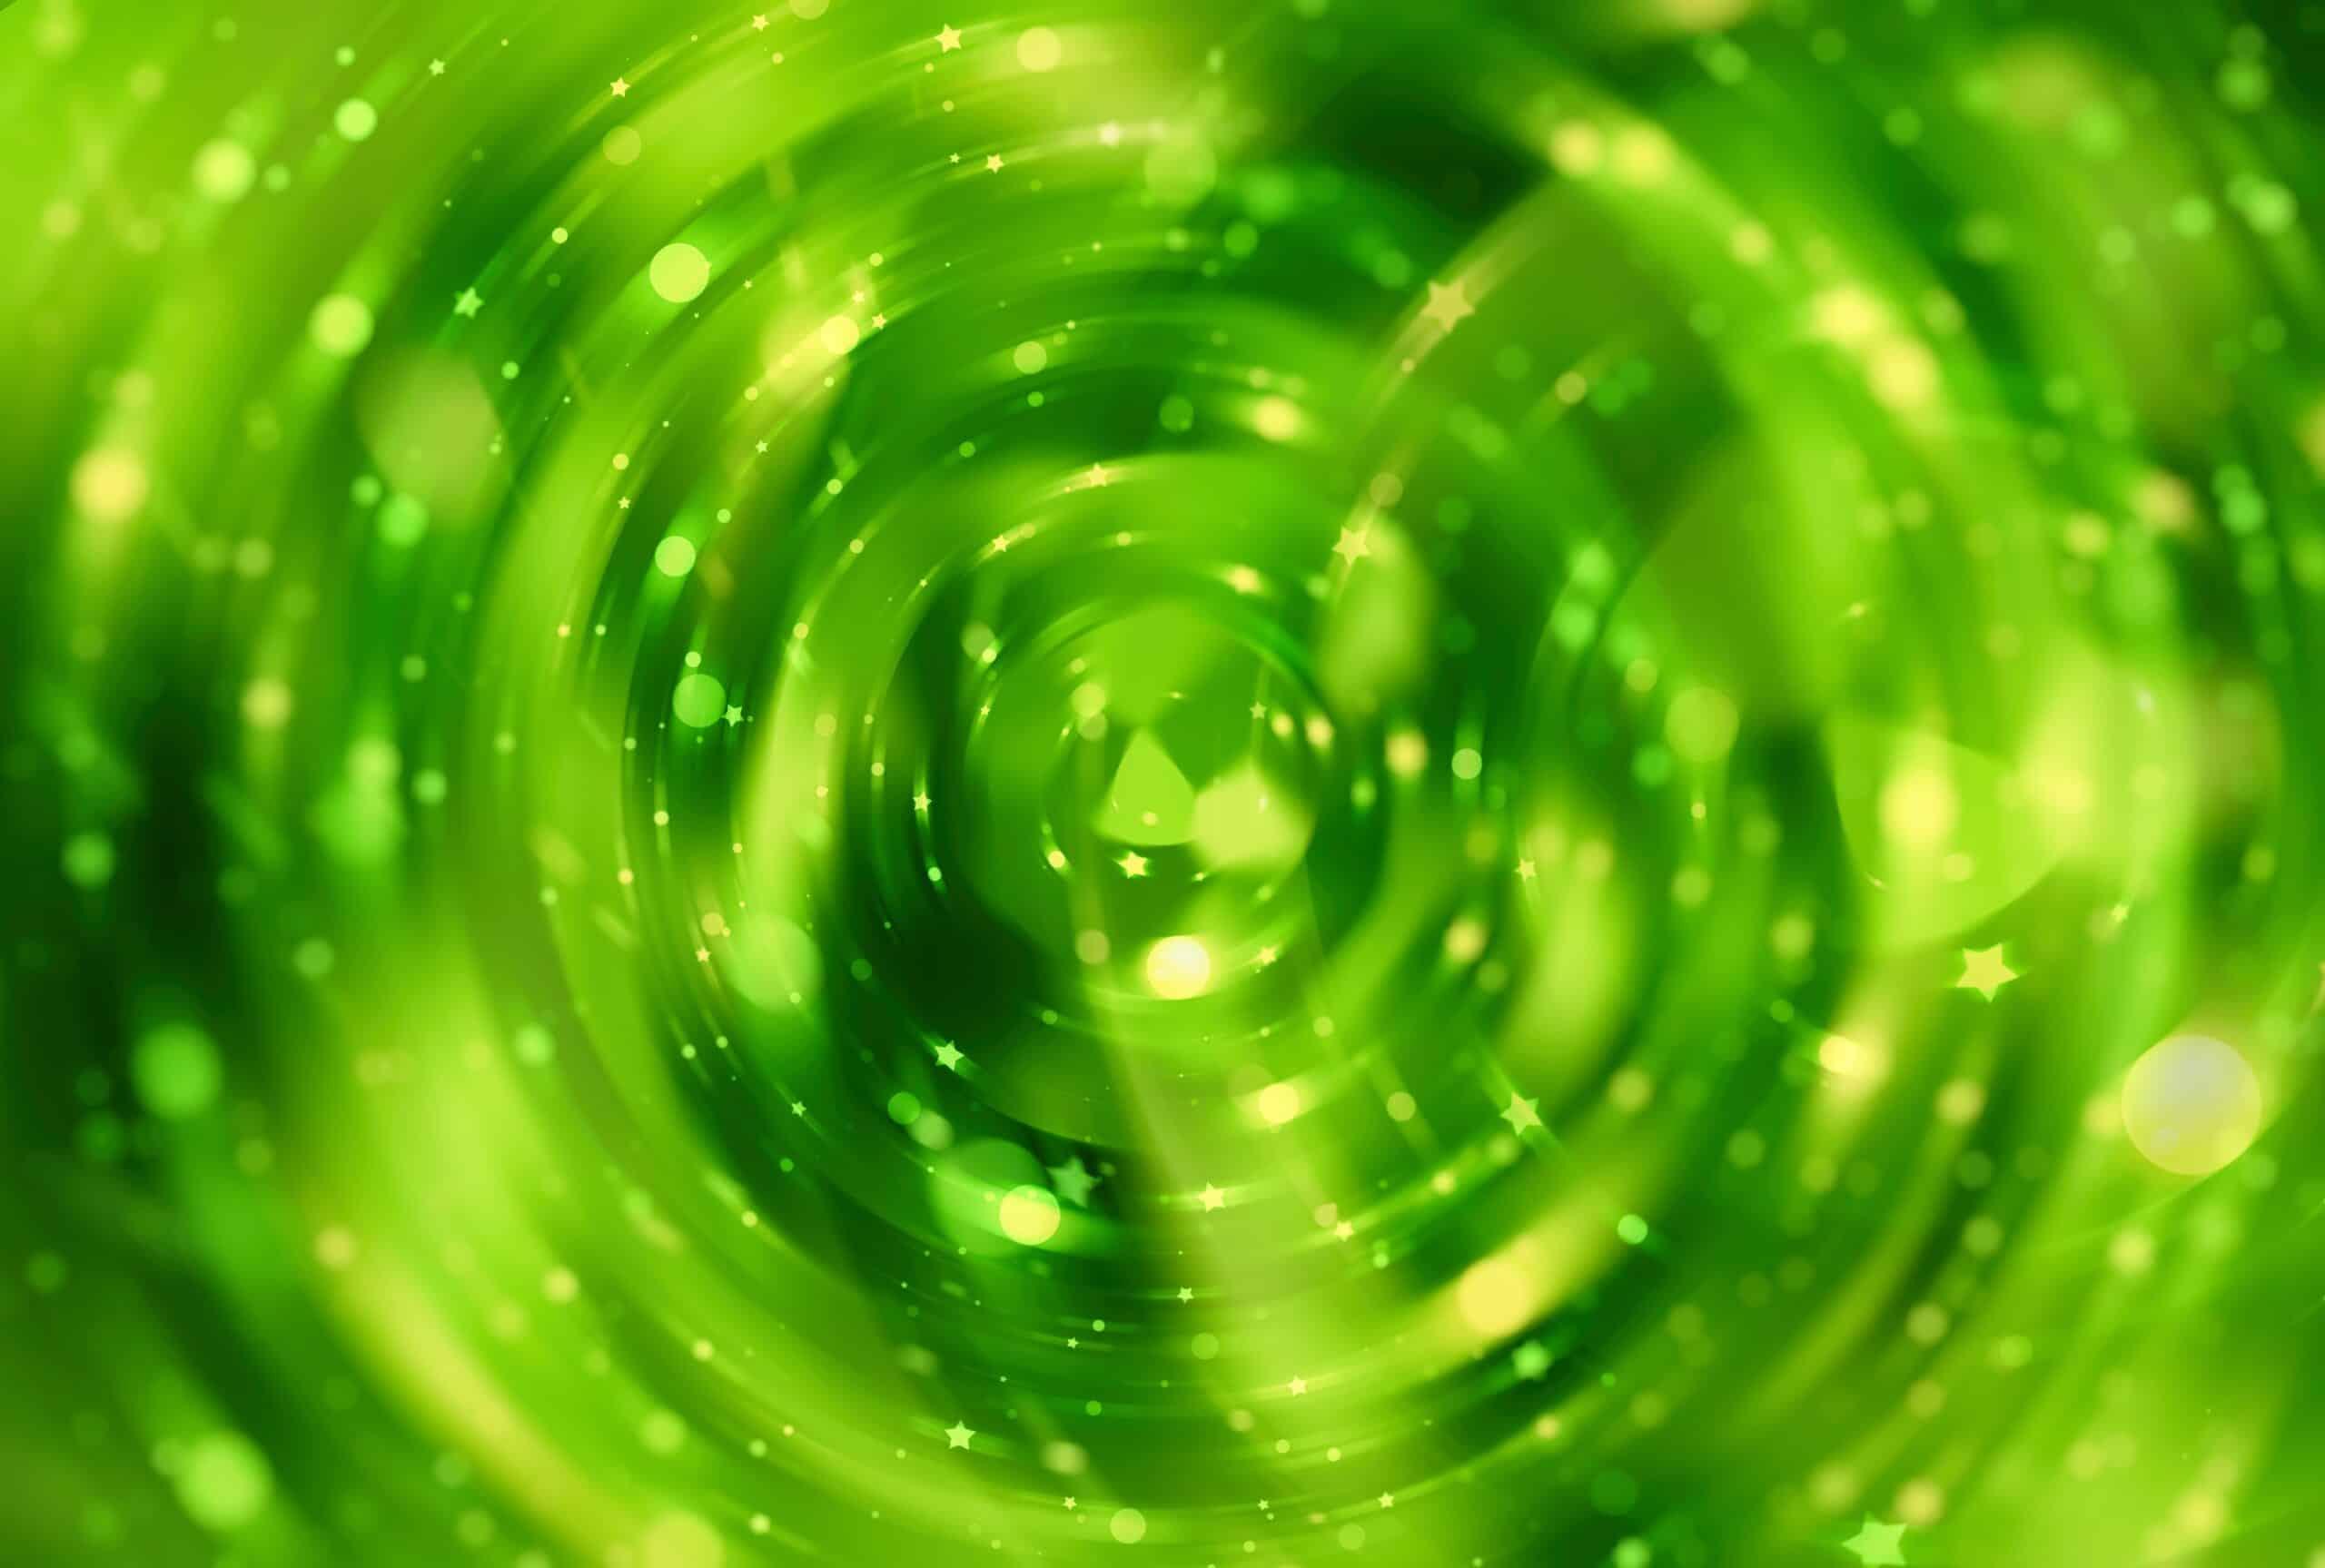 circulair bouwen green